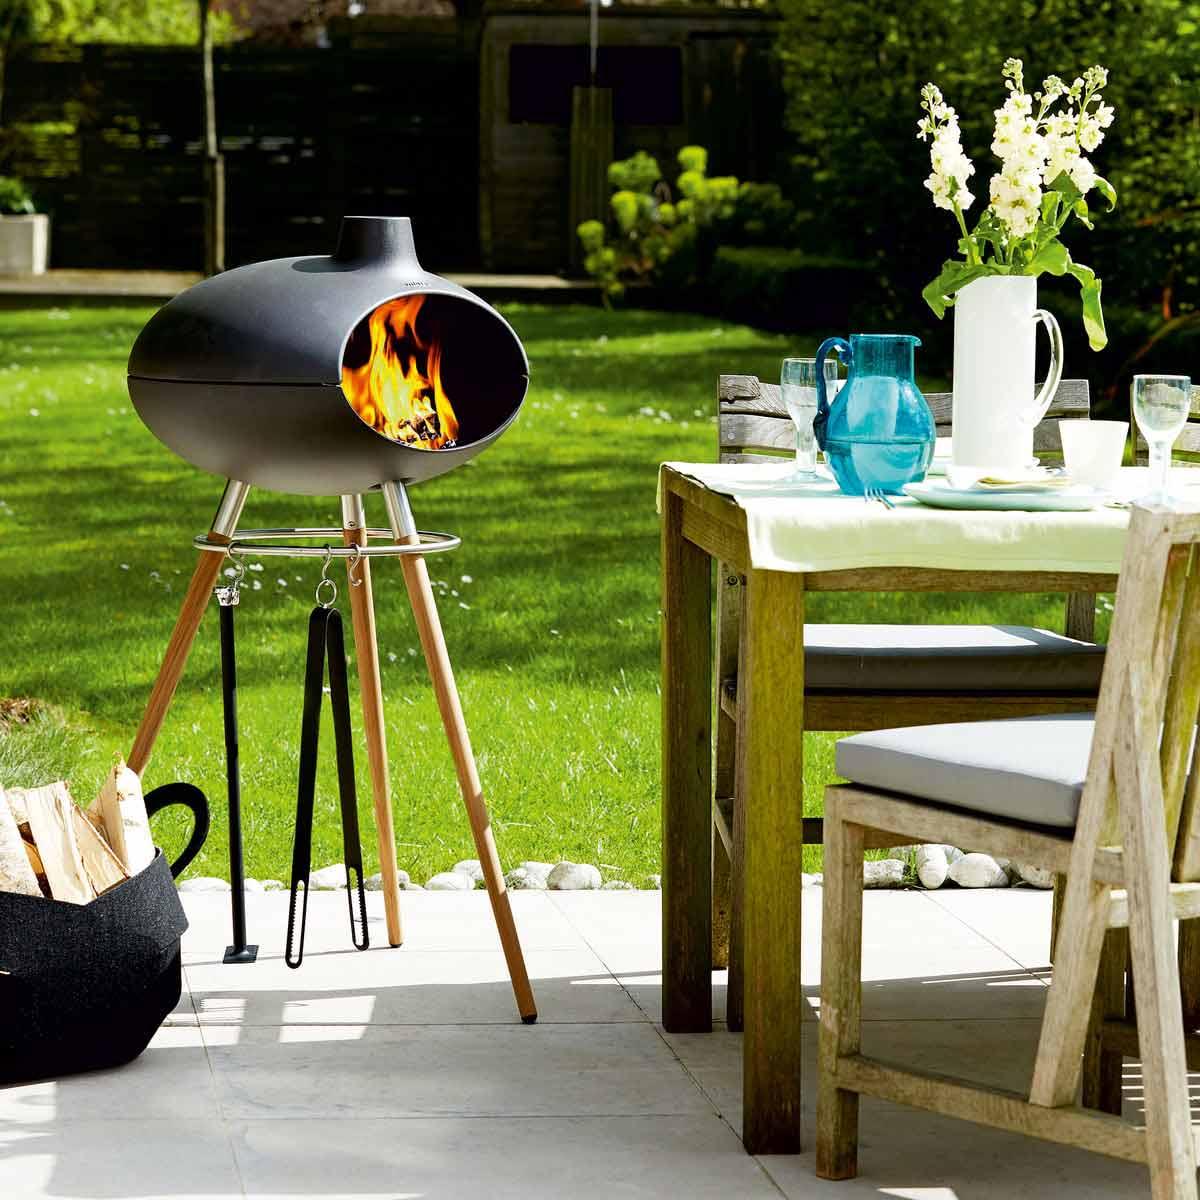 barbecue in ghisa con supporto